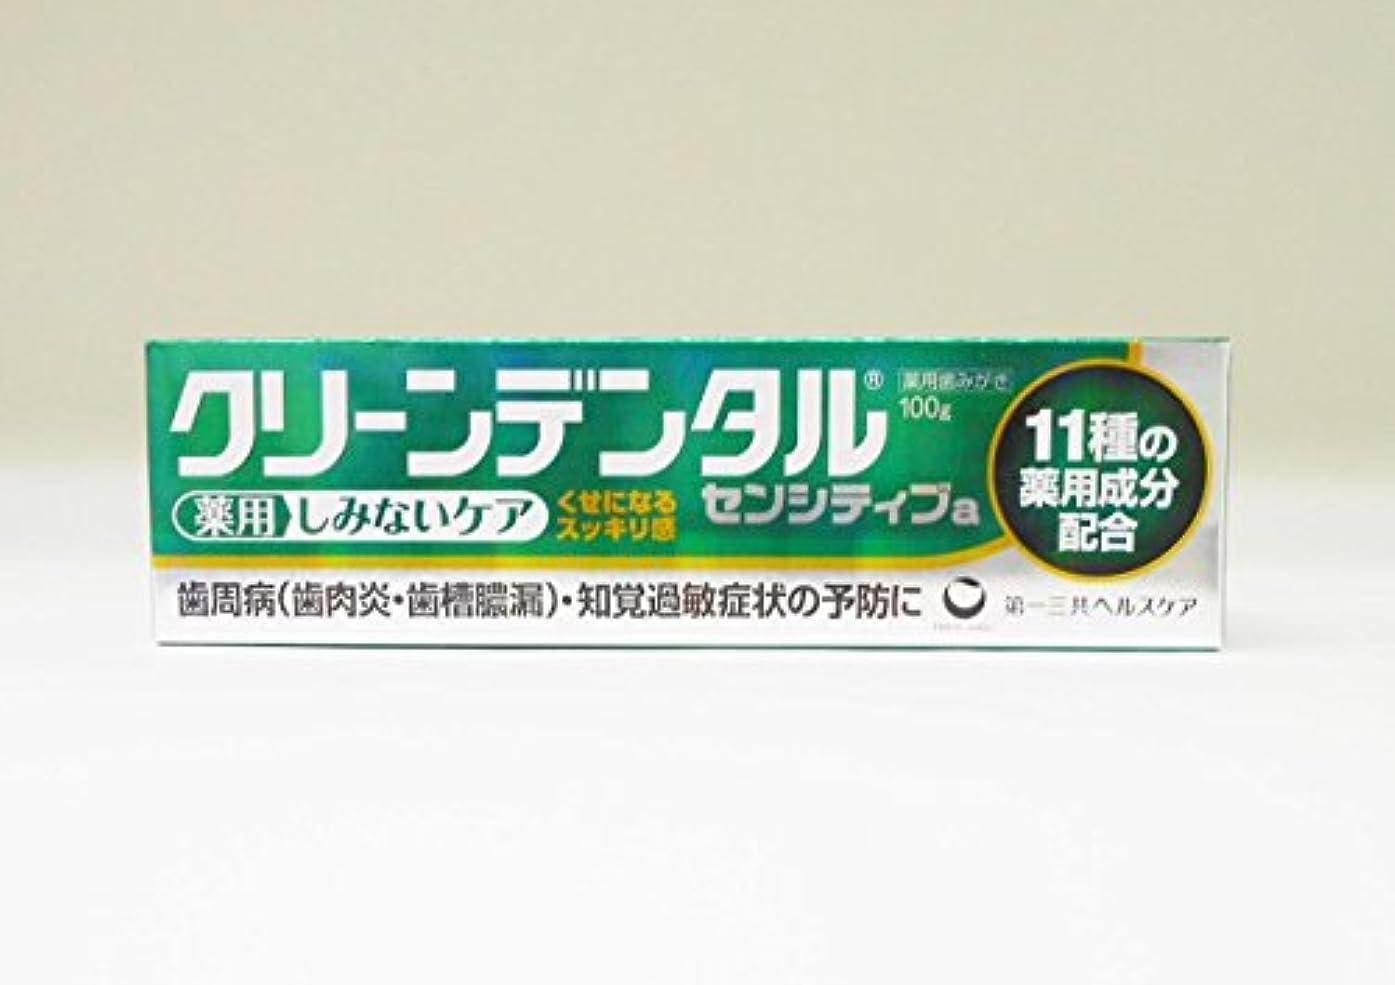 評決腐敗した実質的【第一三共ヘルスケア】クリーンデンタル センシティブa 100g(医薬部外品) ×3個セット